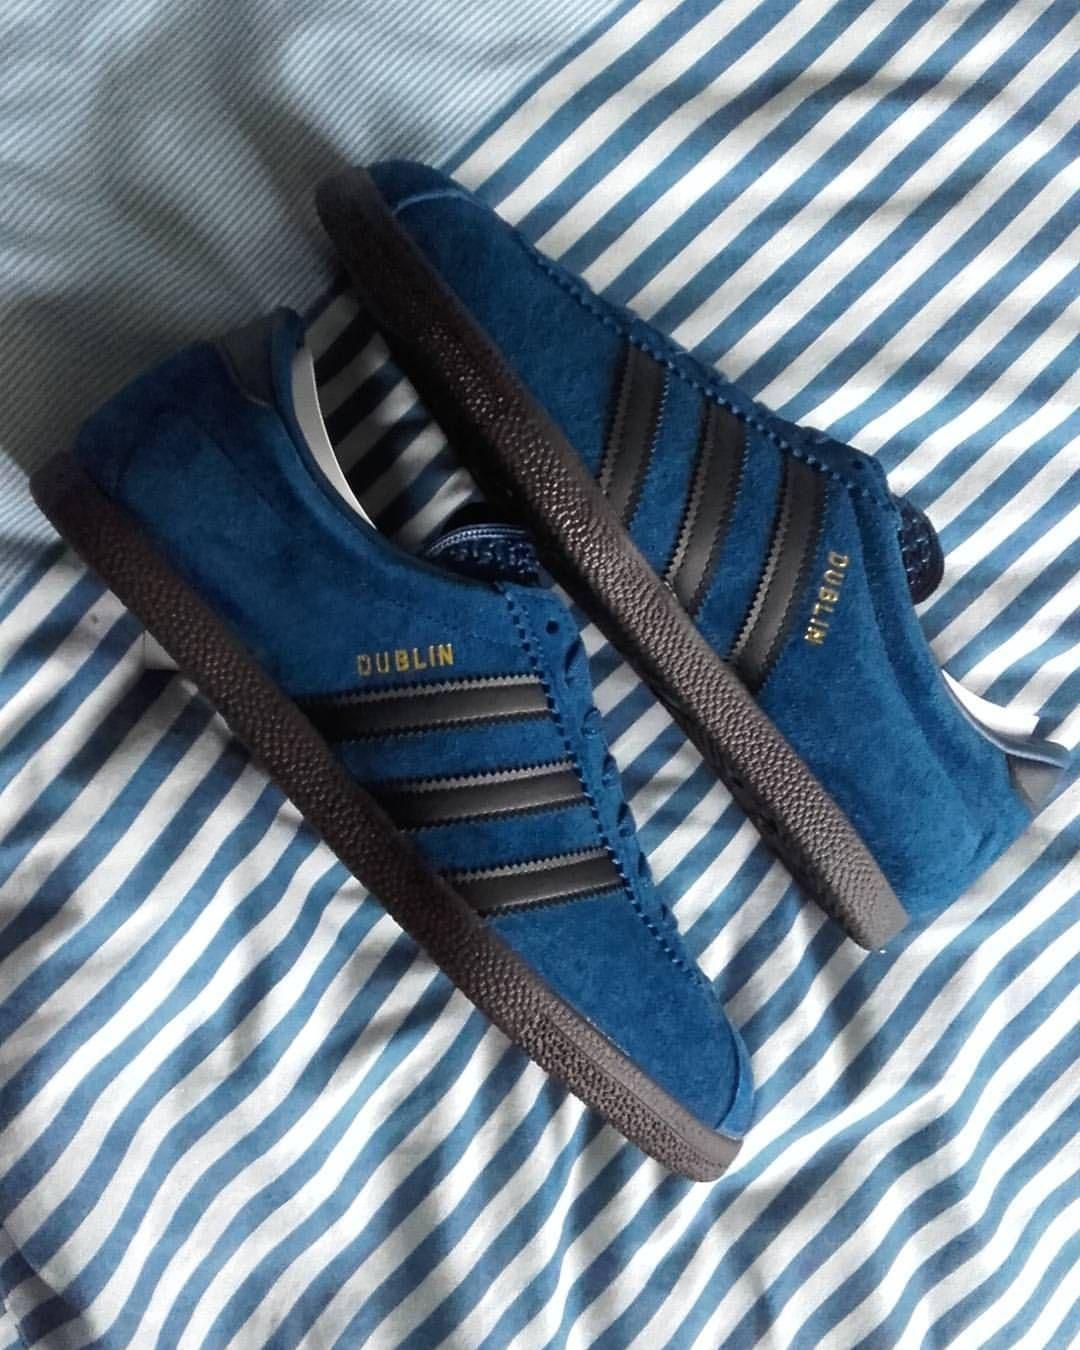 adidas jeans dublin